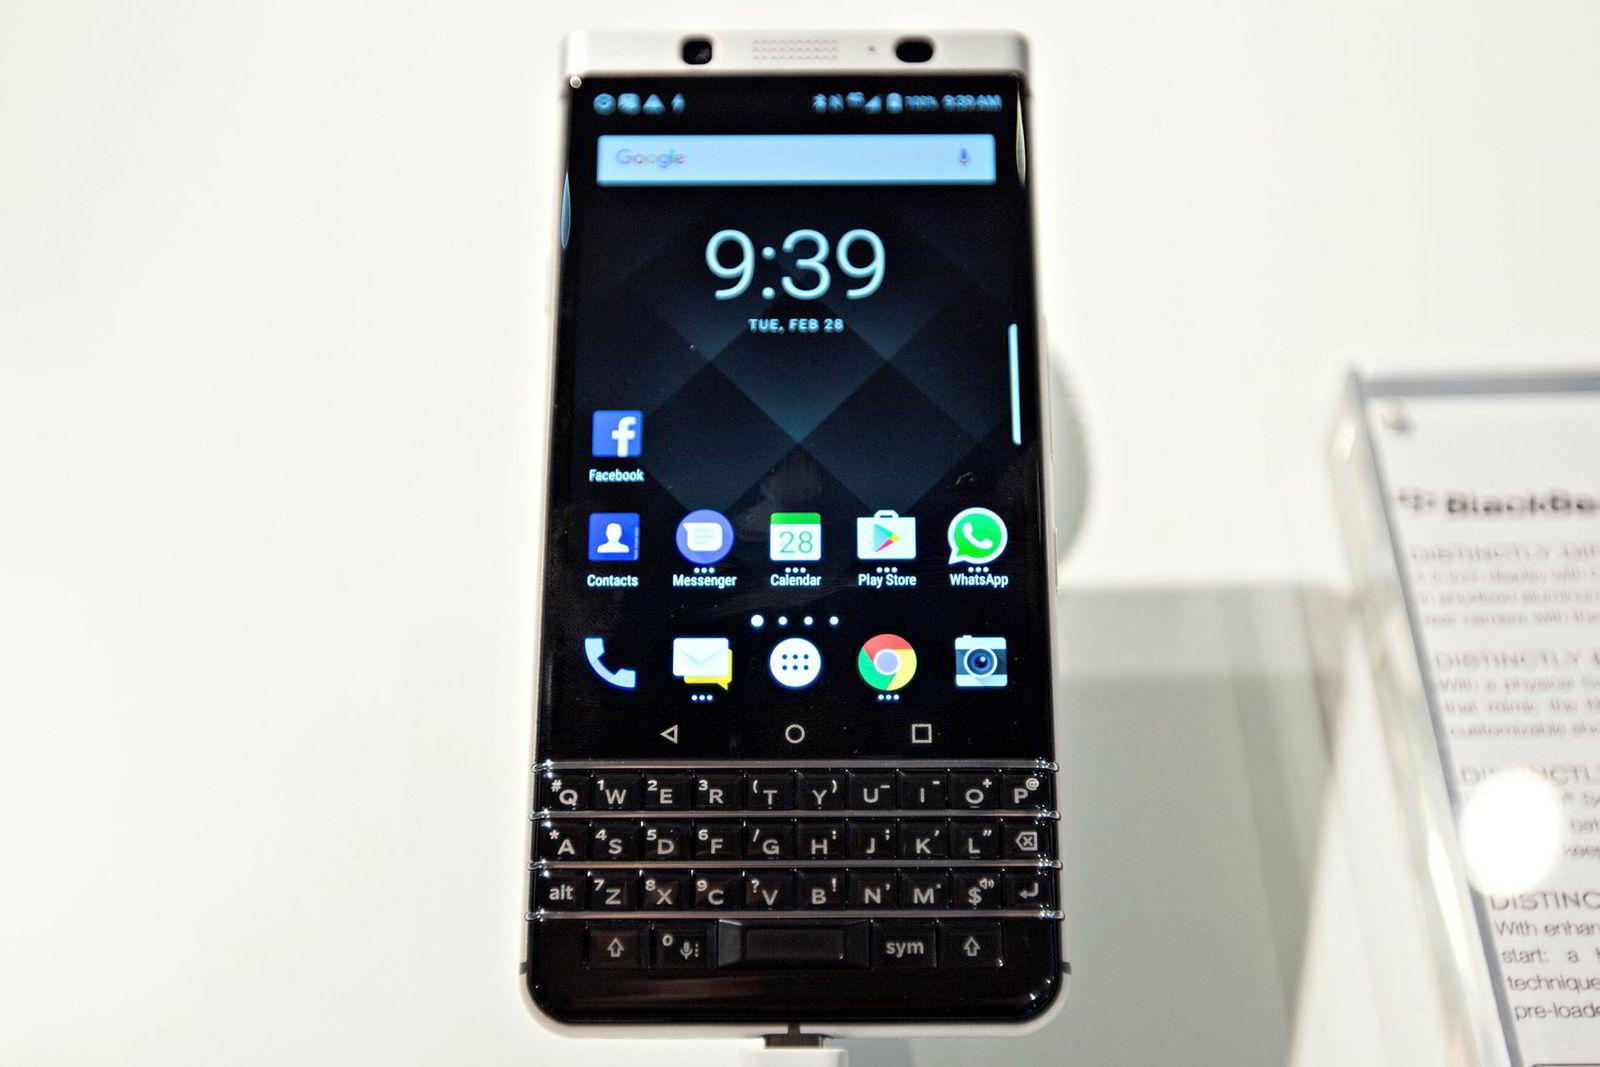 Blackberry er tilbake med fysisk QWERTY-tastatur og sikker epost i en«vanlig» Android-telefon.